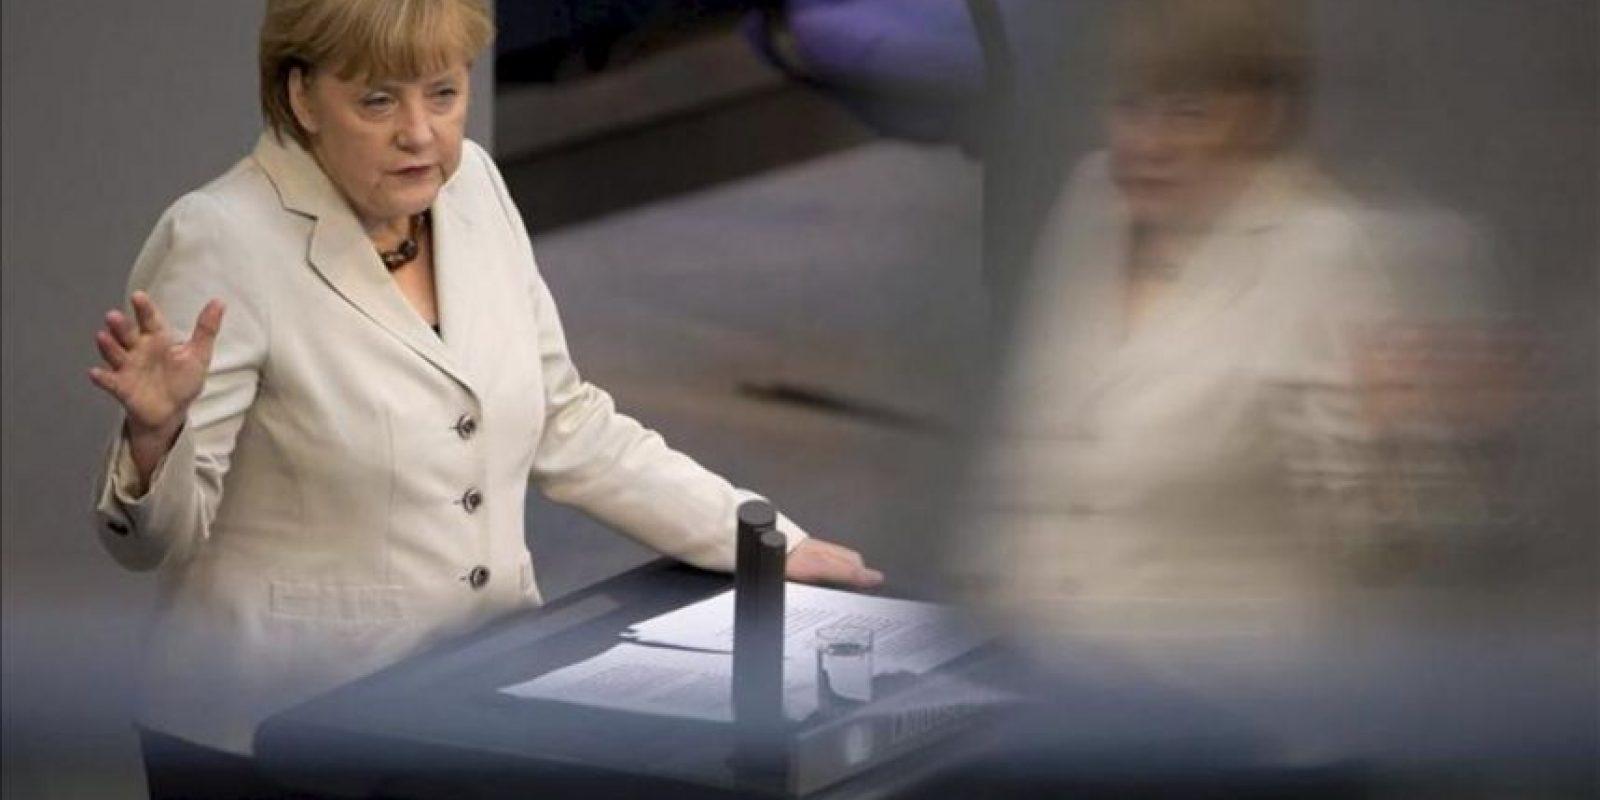 La canciller alemana, Angela Merkel, da un discurso sobre la reciente reunión del G8 y la celebración del Consejo Europeo en el pleno del Bundestag en Berlín (Alemania) hoy, jueves 27 de junio de 2013. EFE